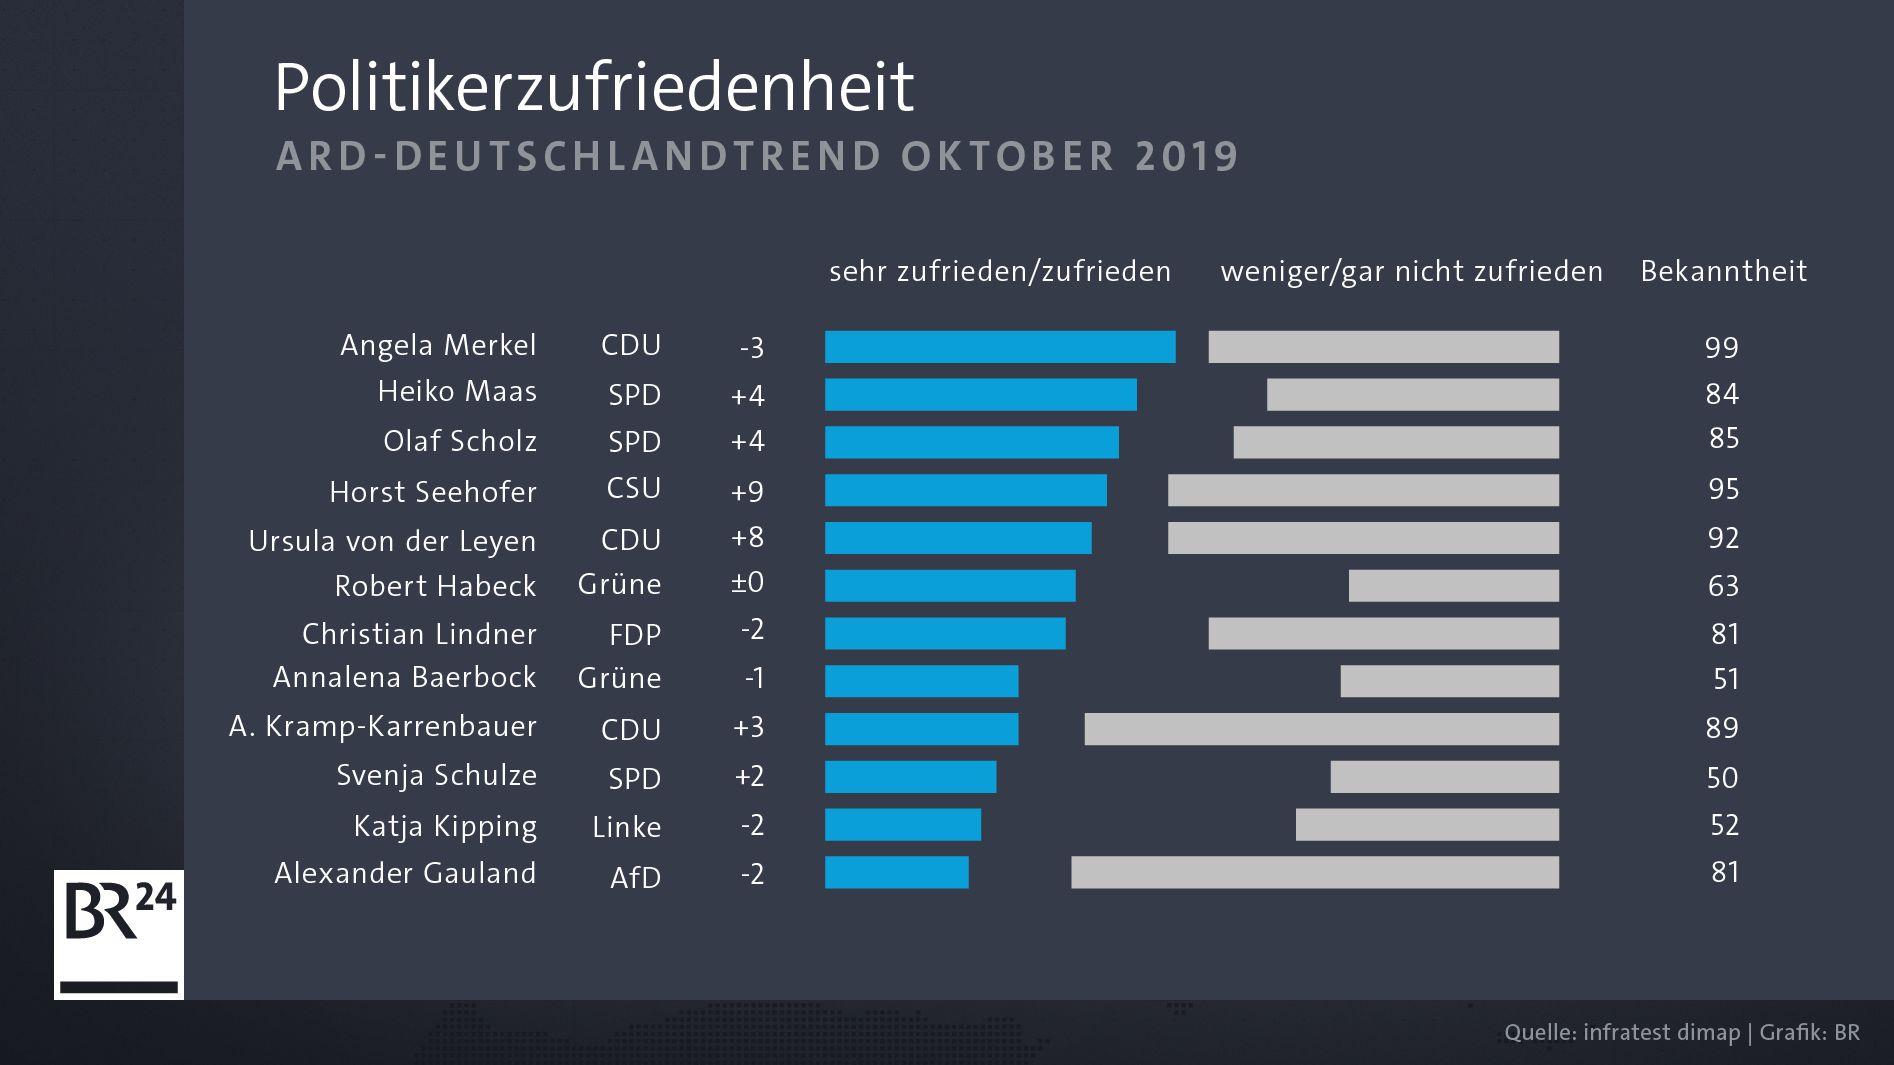 Die beliebtesten deutschen Politiker